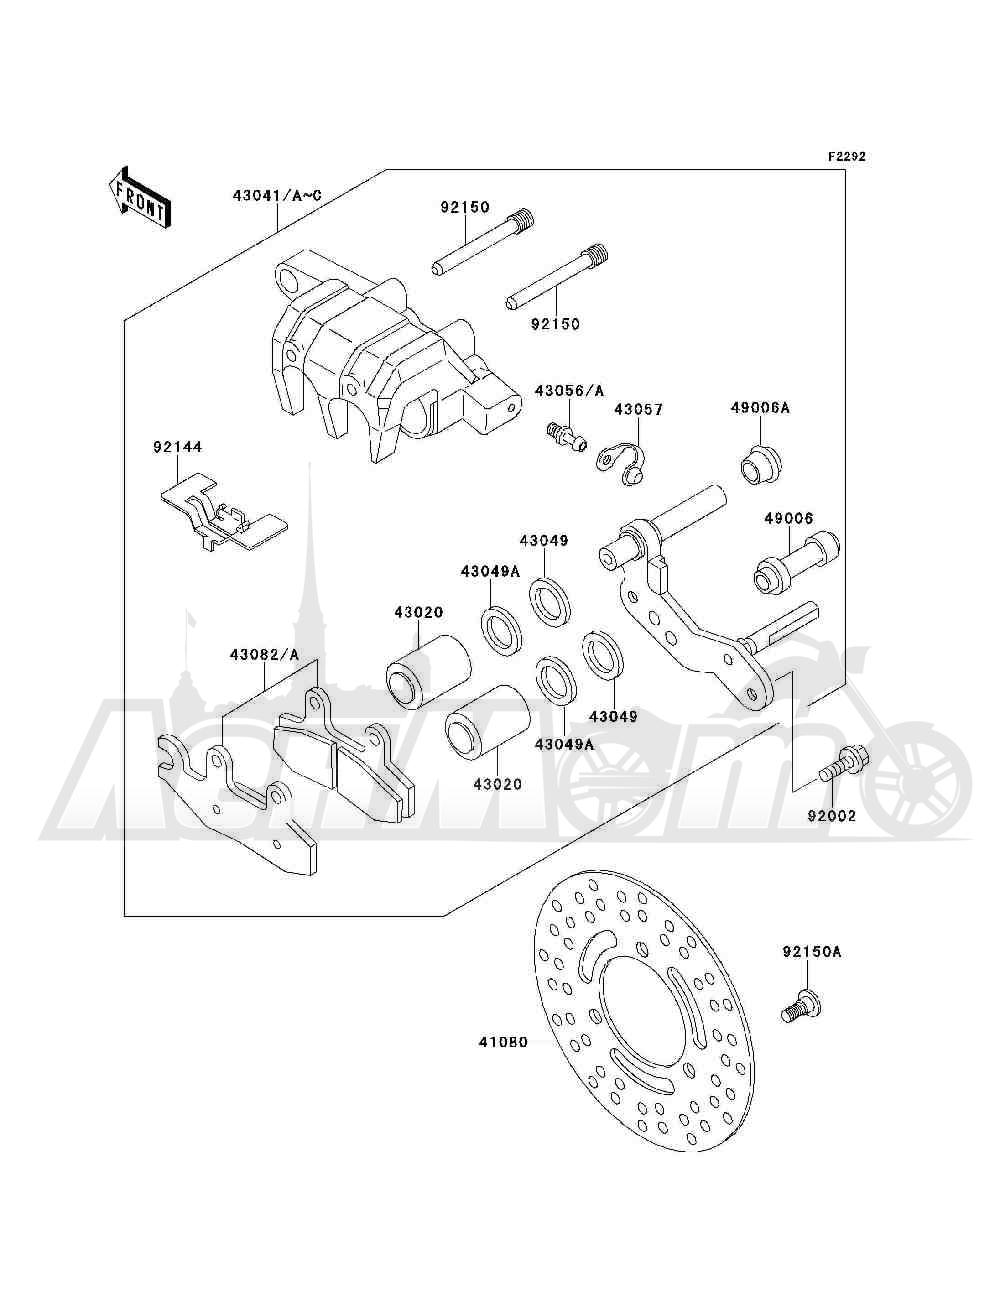 Запчасти для Квадроцикла Kawasaki 1993 BAYOU 300 4X4 (KLF300-C5) Раздел: FRONT BRAKE | передний тормоз